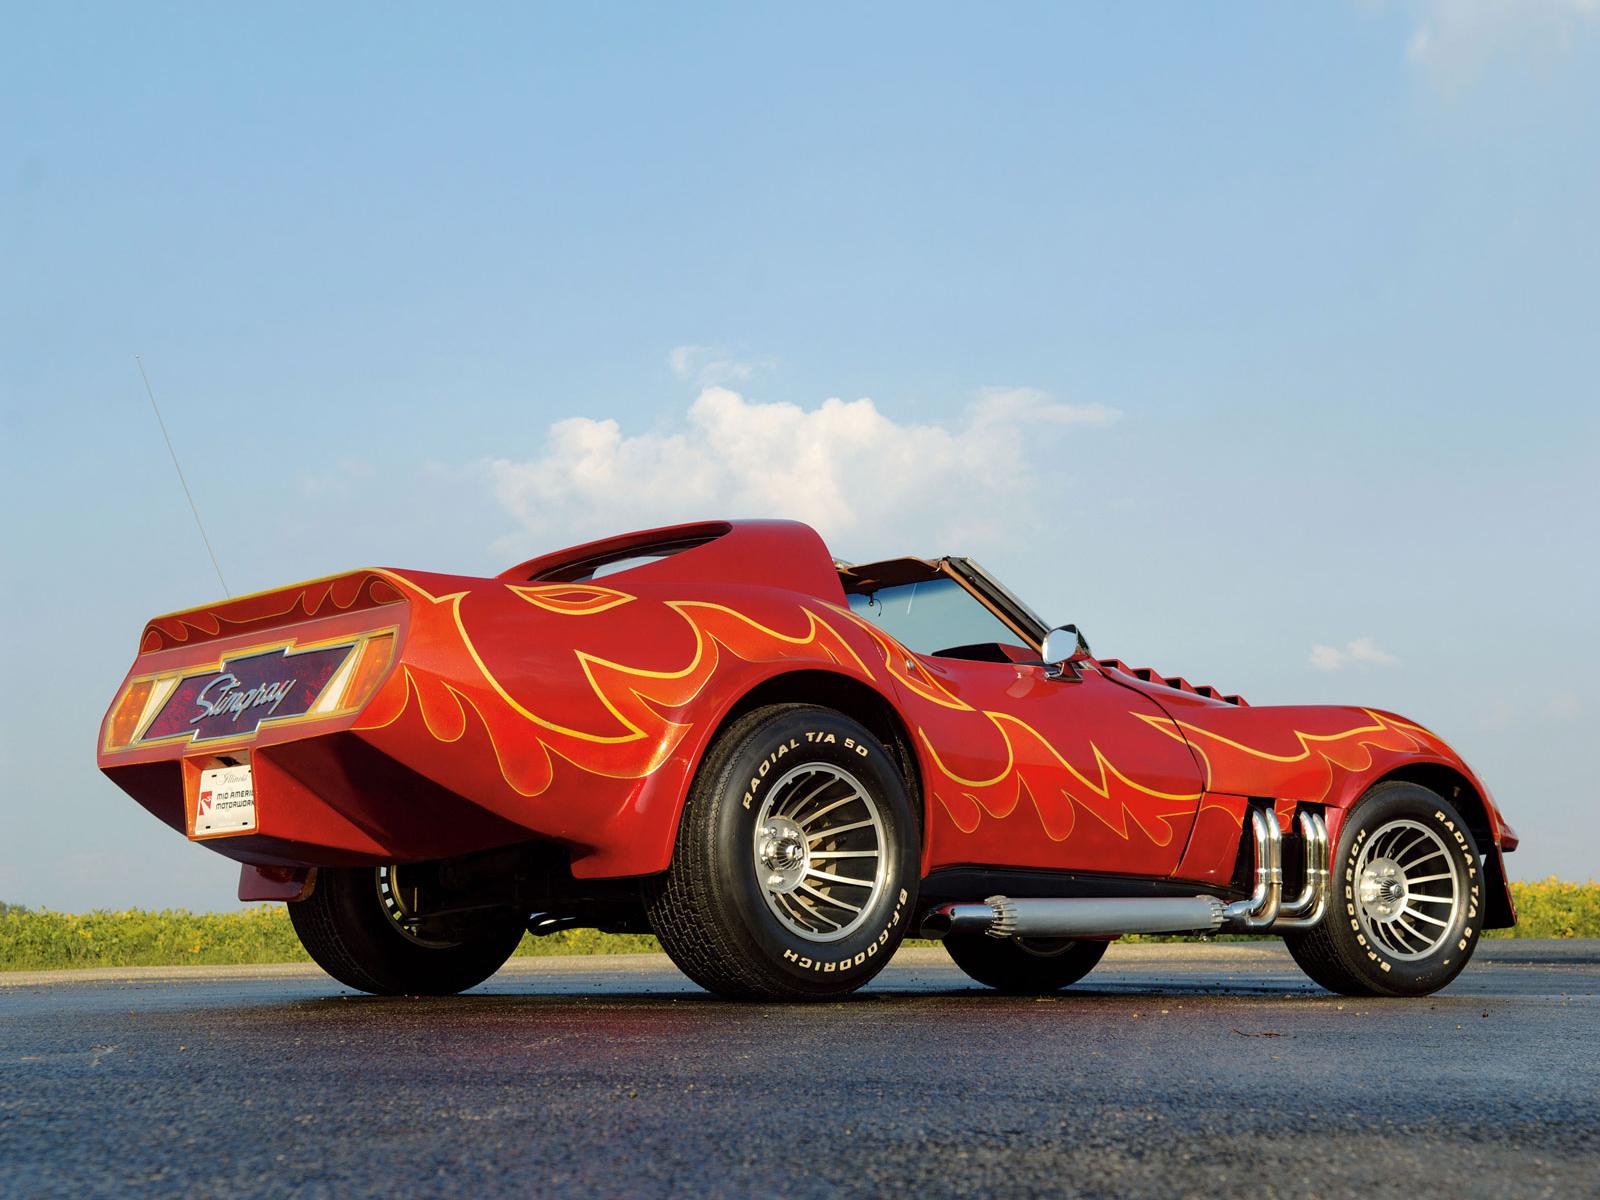 1978 Chevrolet Corvette Stingray Roadster (C-3) hot rod ...